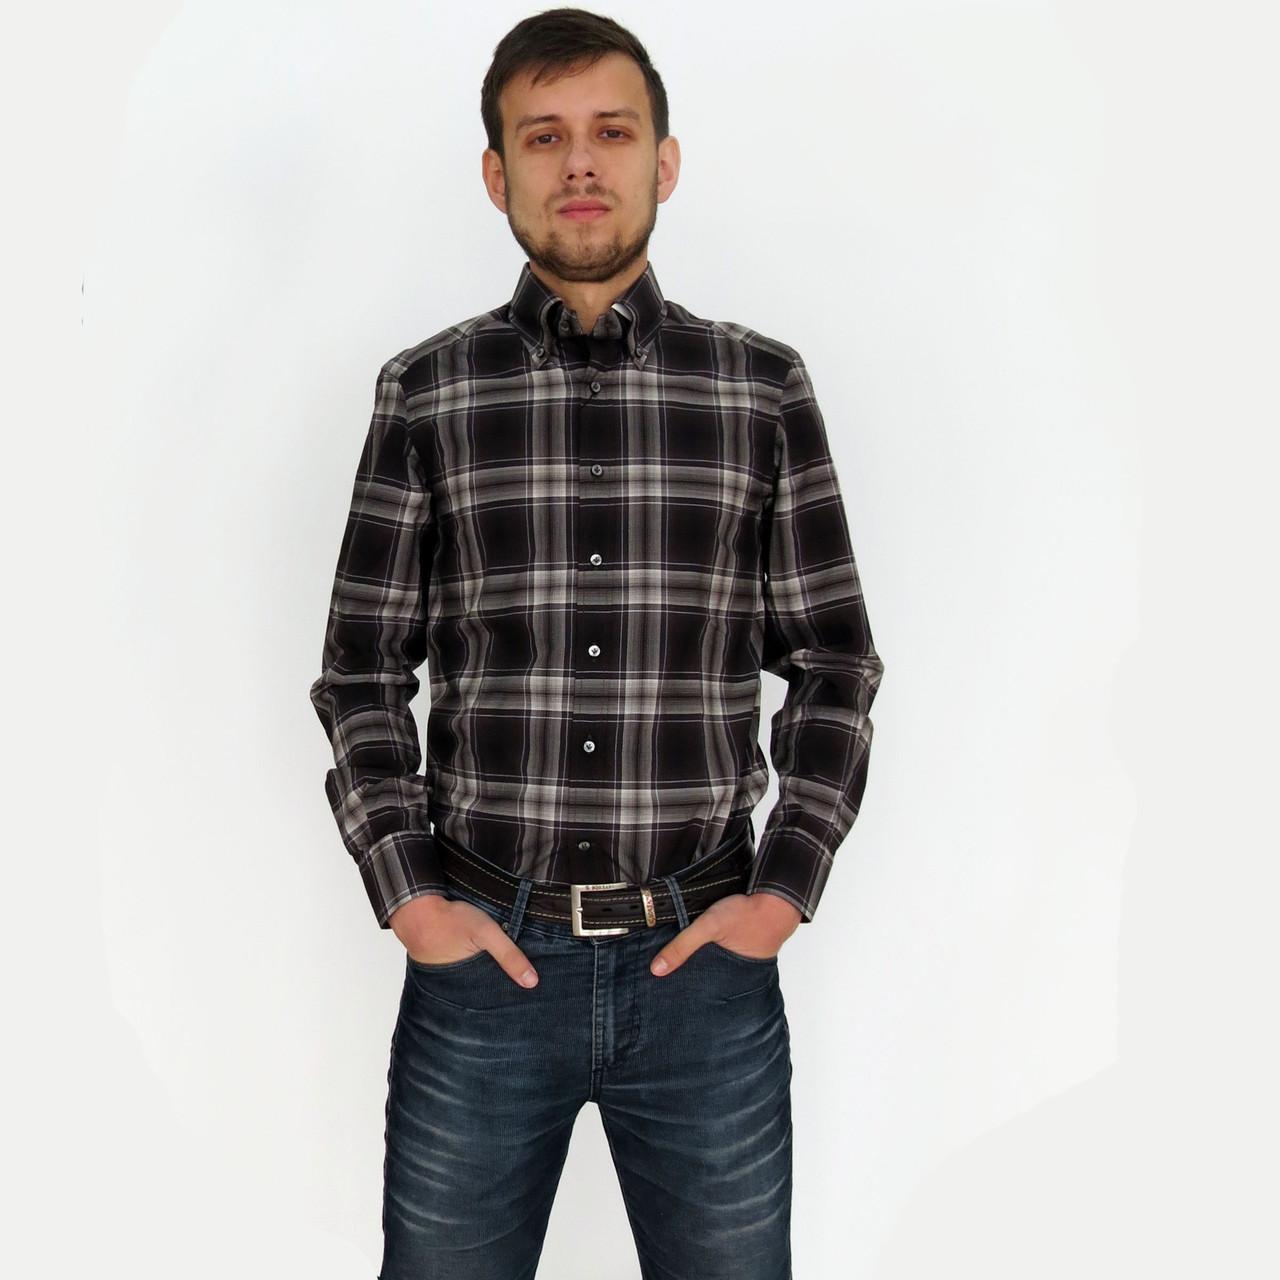 970ce28ca74 Рубашка мужская коричневая в клетку. Приталенная рубашка на каждый ...